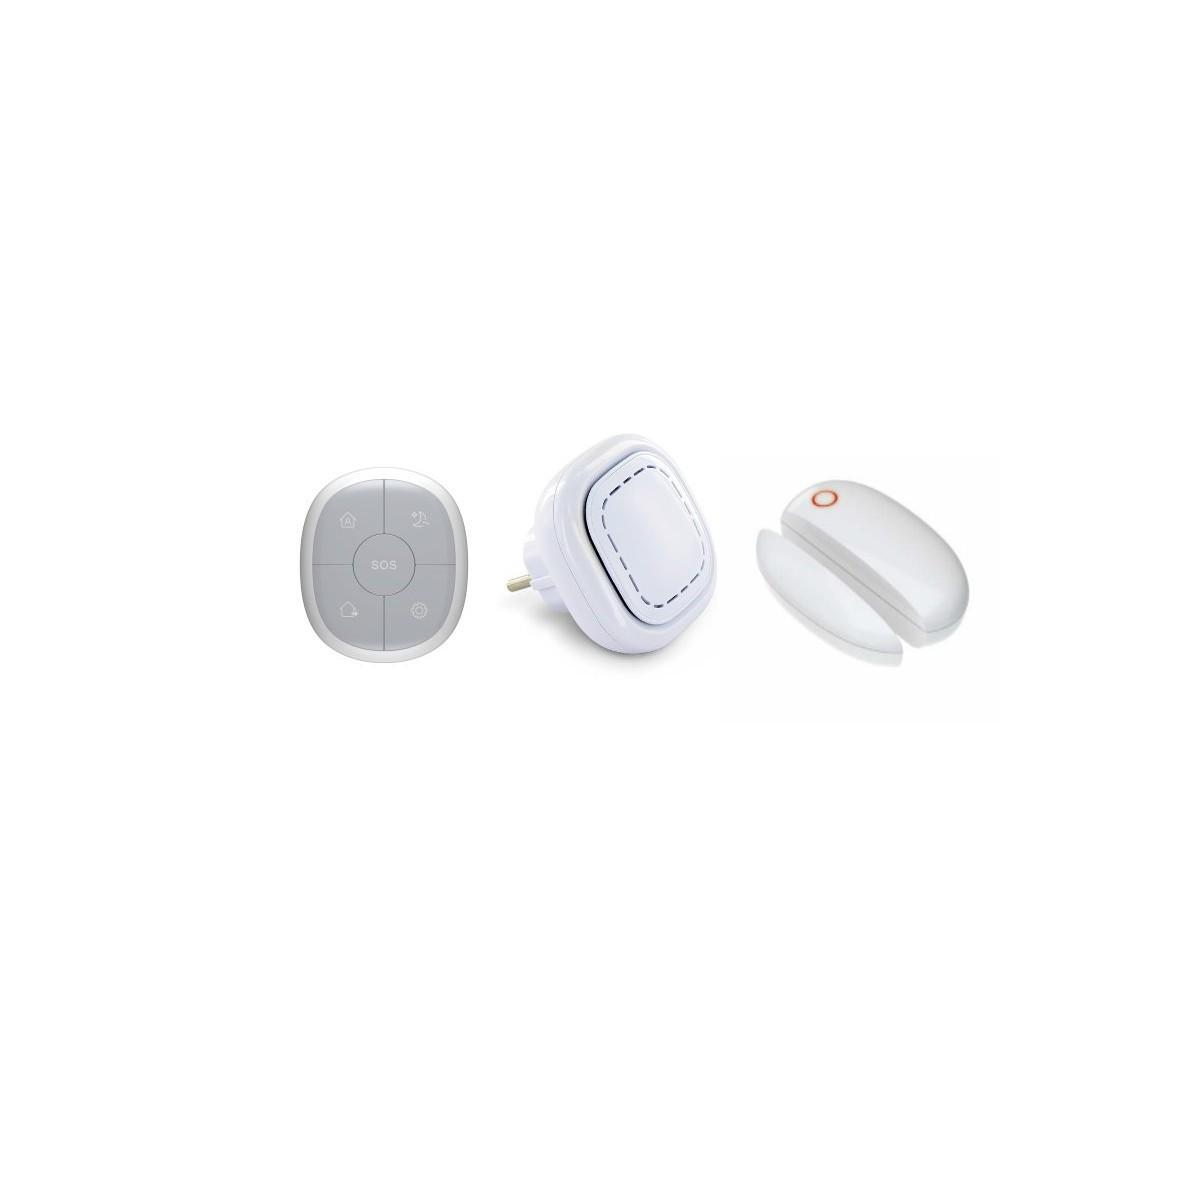 Maison sans fil connectã© 3 en 1 -  dã©tection d' ouverture lifebox smart